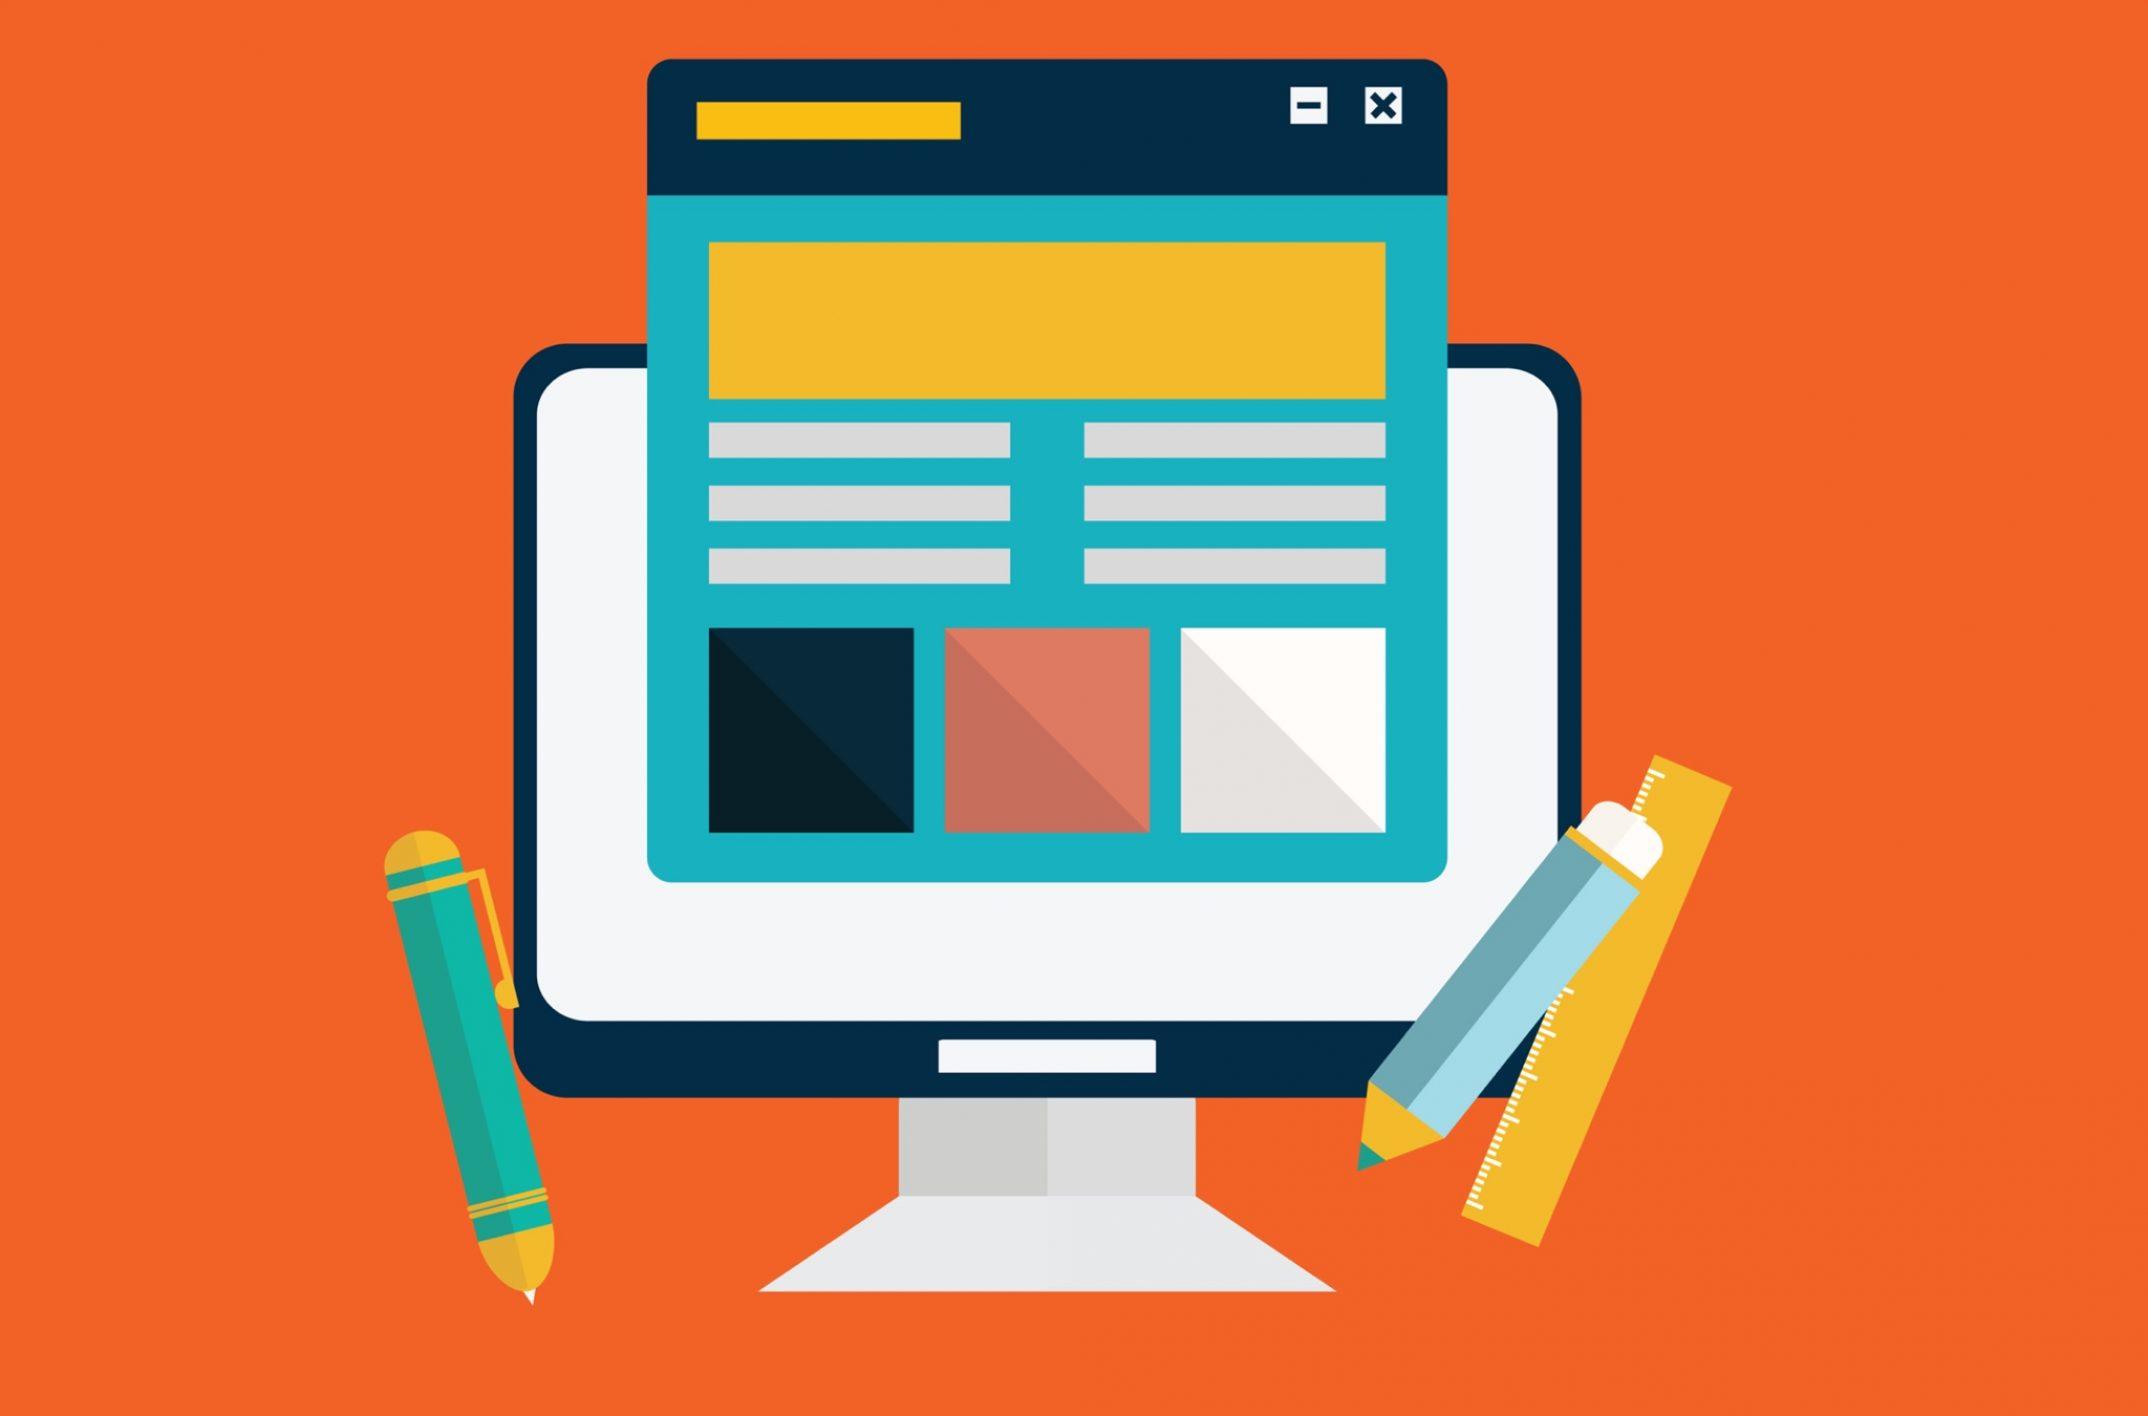 Comment créer un site internet gratuitement ?